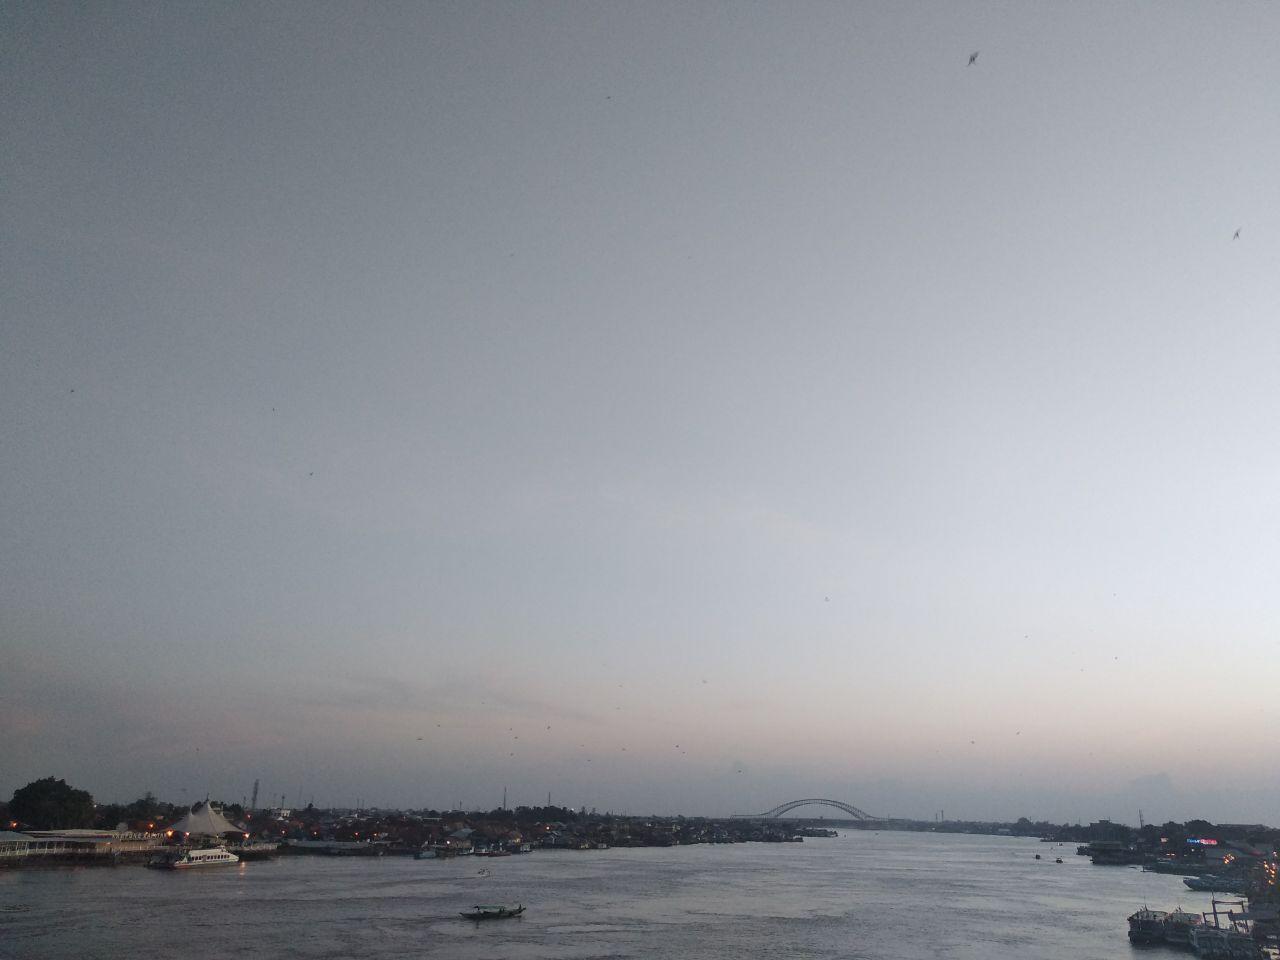 Menikmati senja di Jembatan Ampera